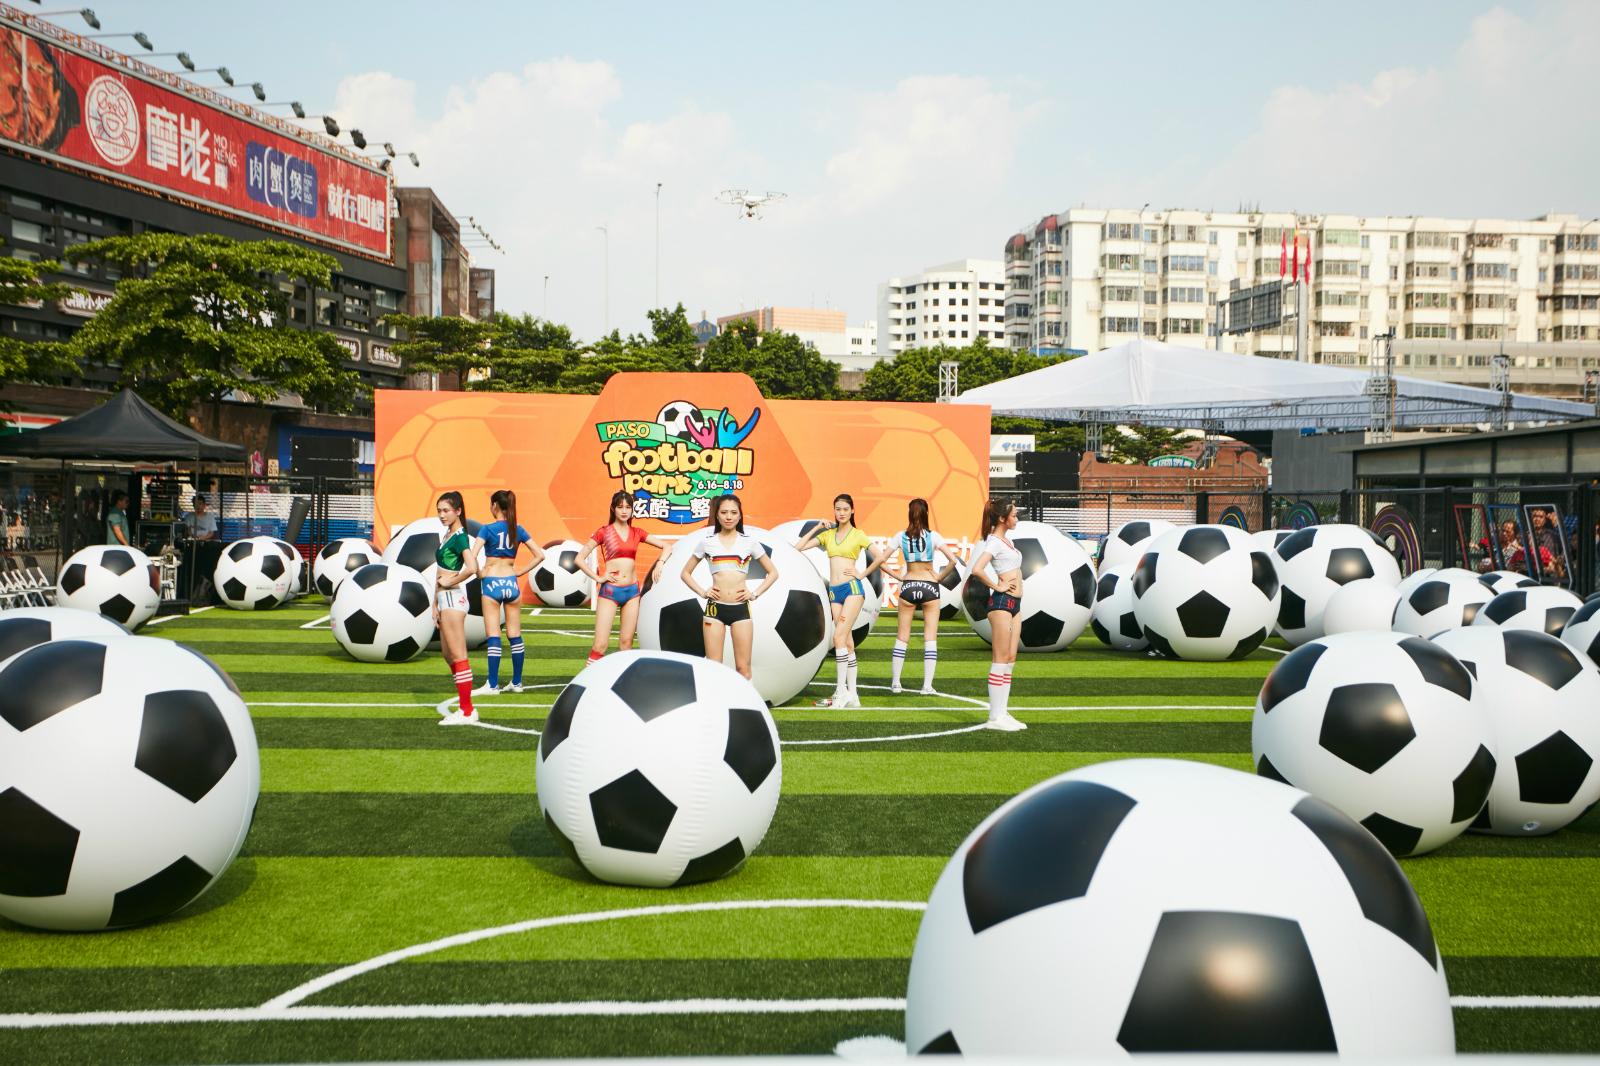 大型互动足球乐园空降百信广场